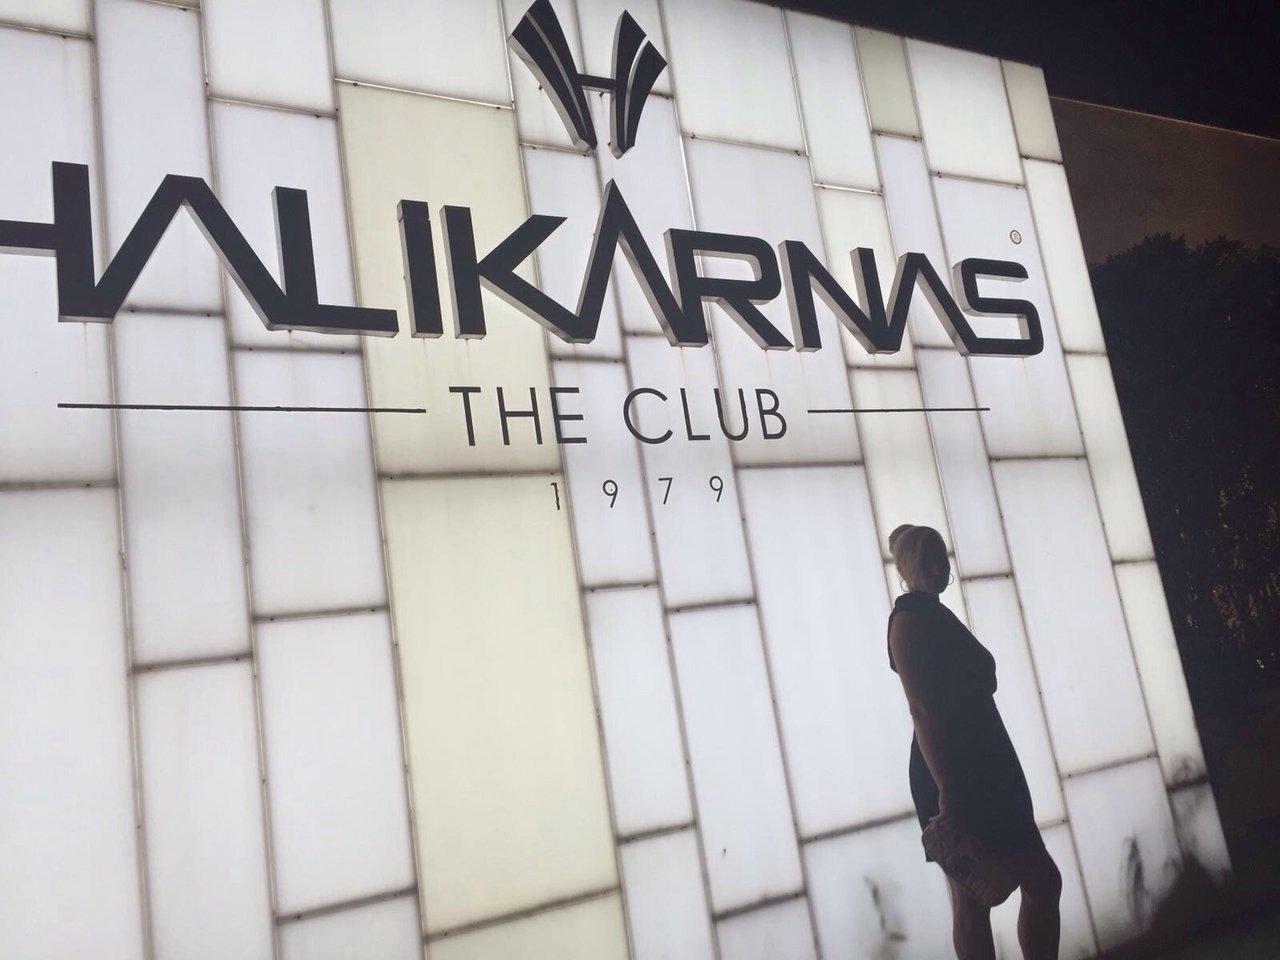 Ночной клуб «Галикарнас»